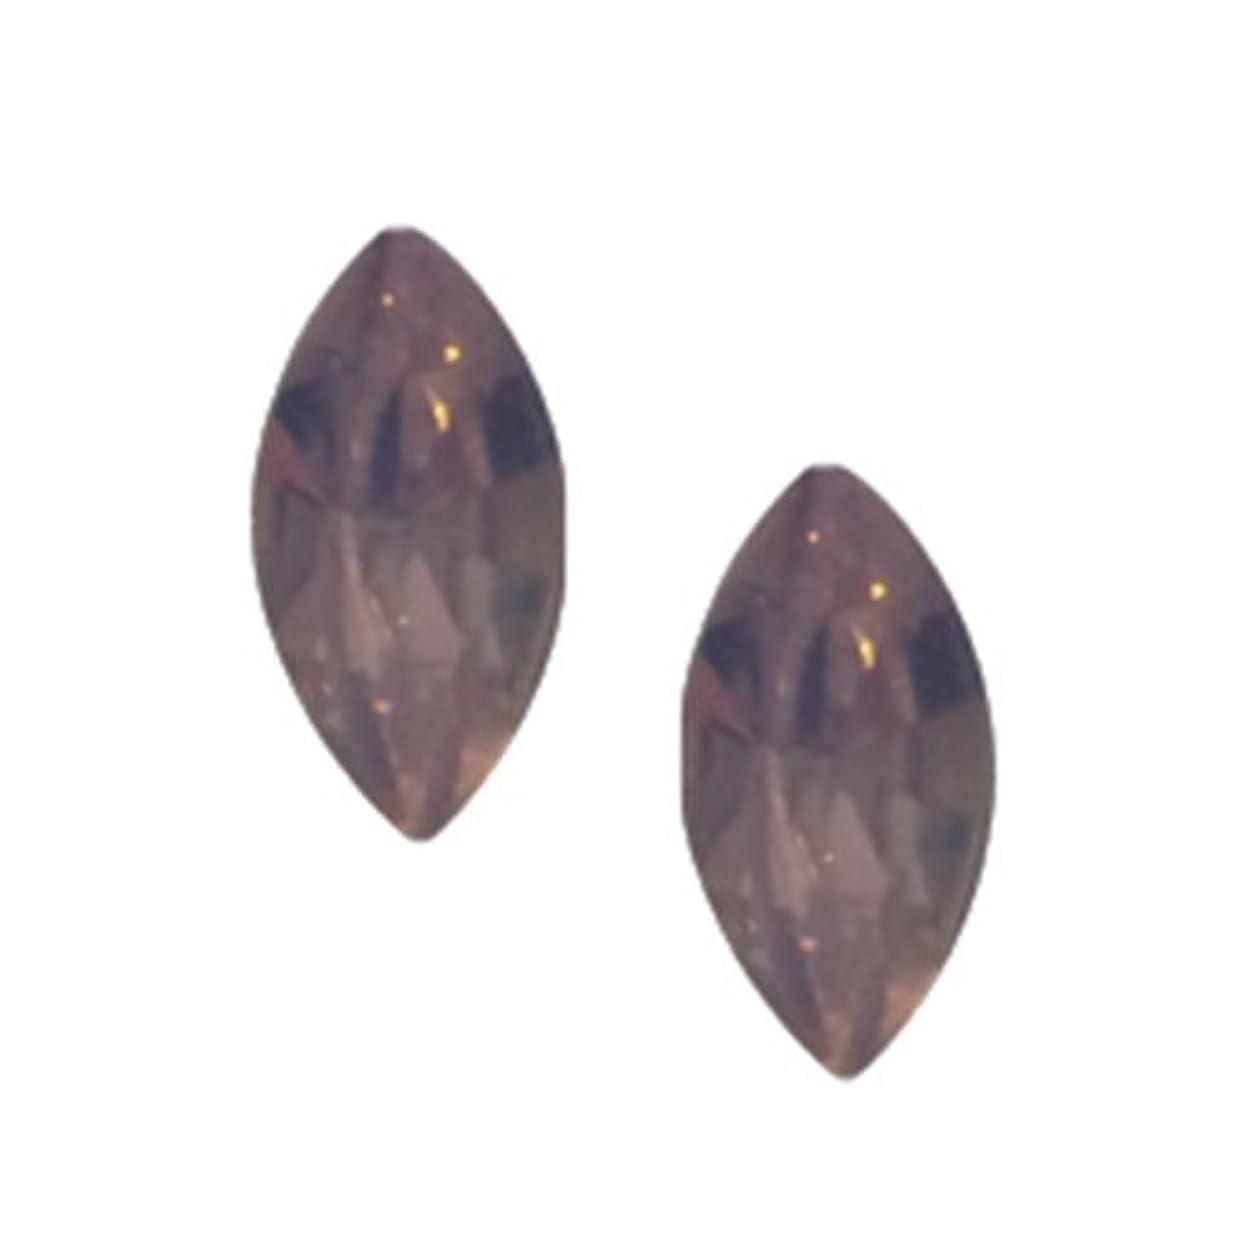 矛盾ピザアクセントPOSH ART ネイルパーツ馬眼型 3*6mm 10P ピンクオパール